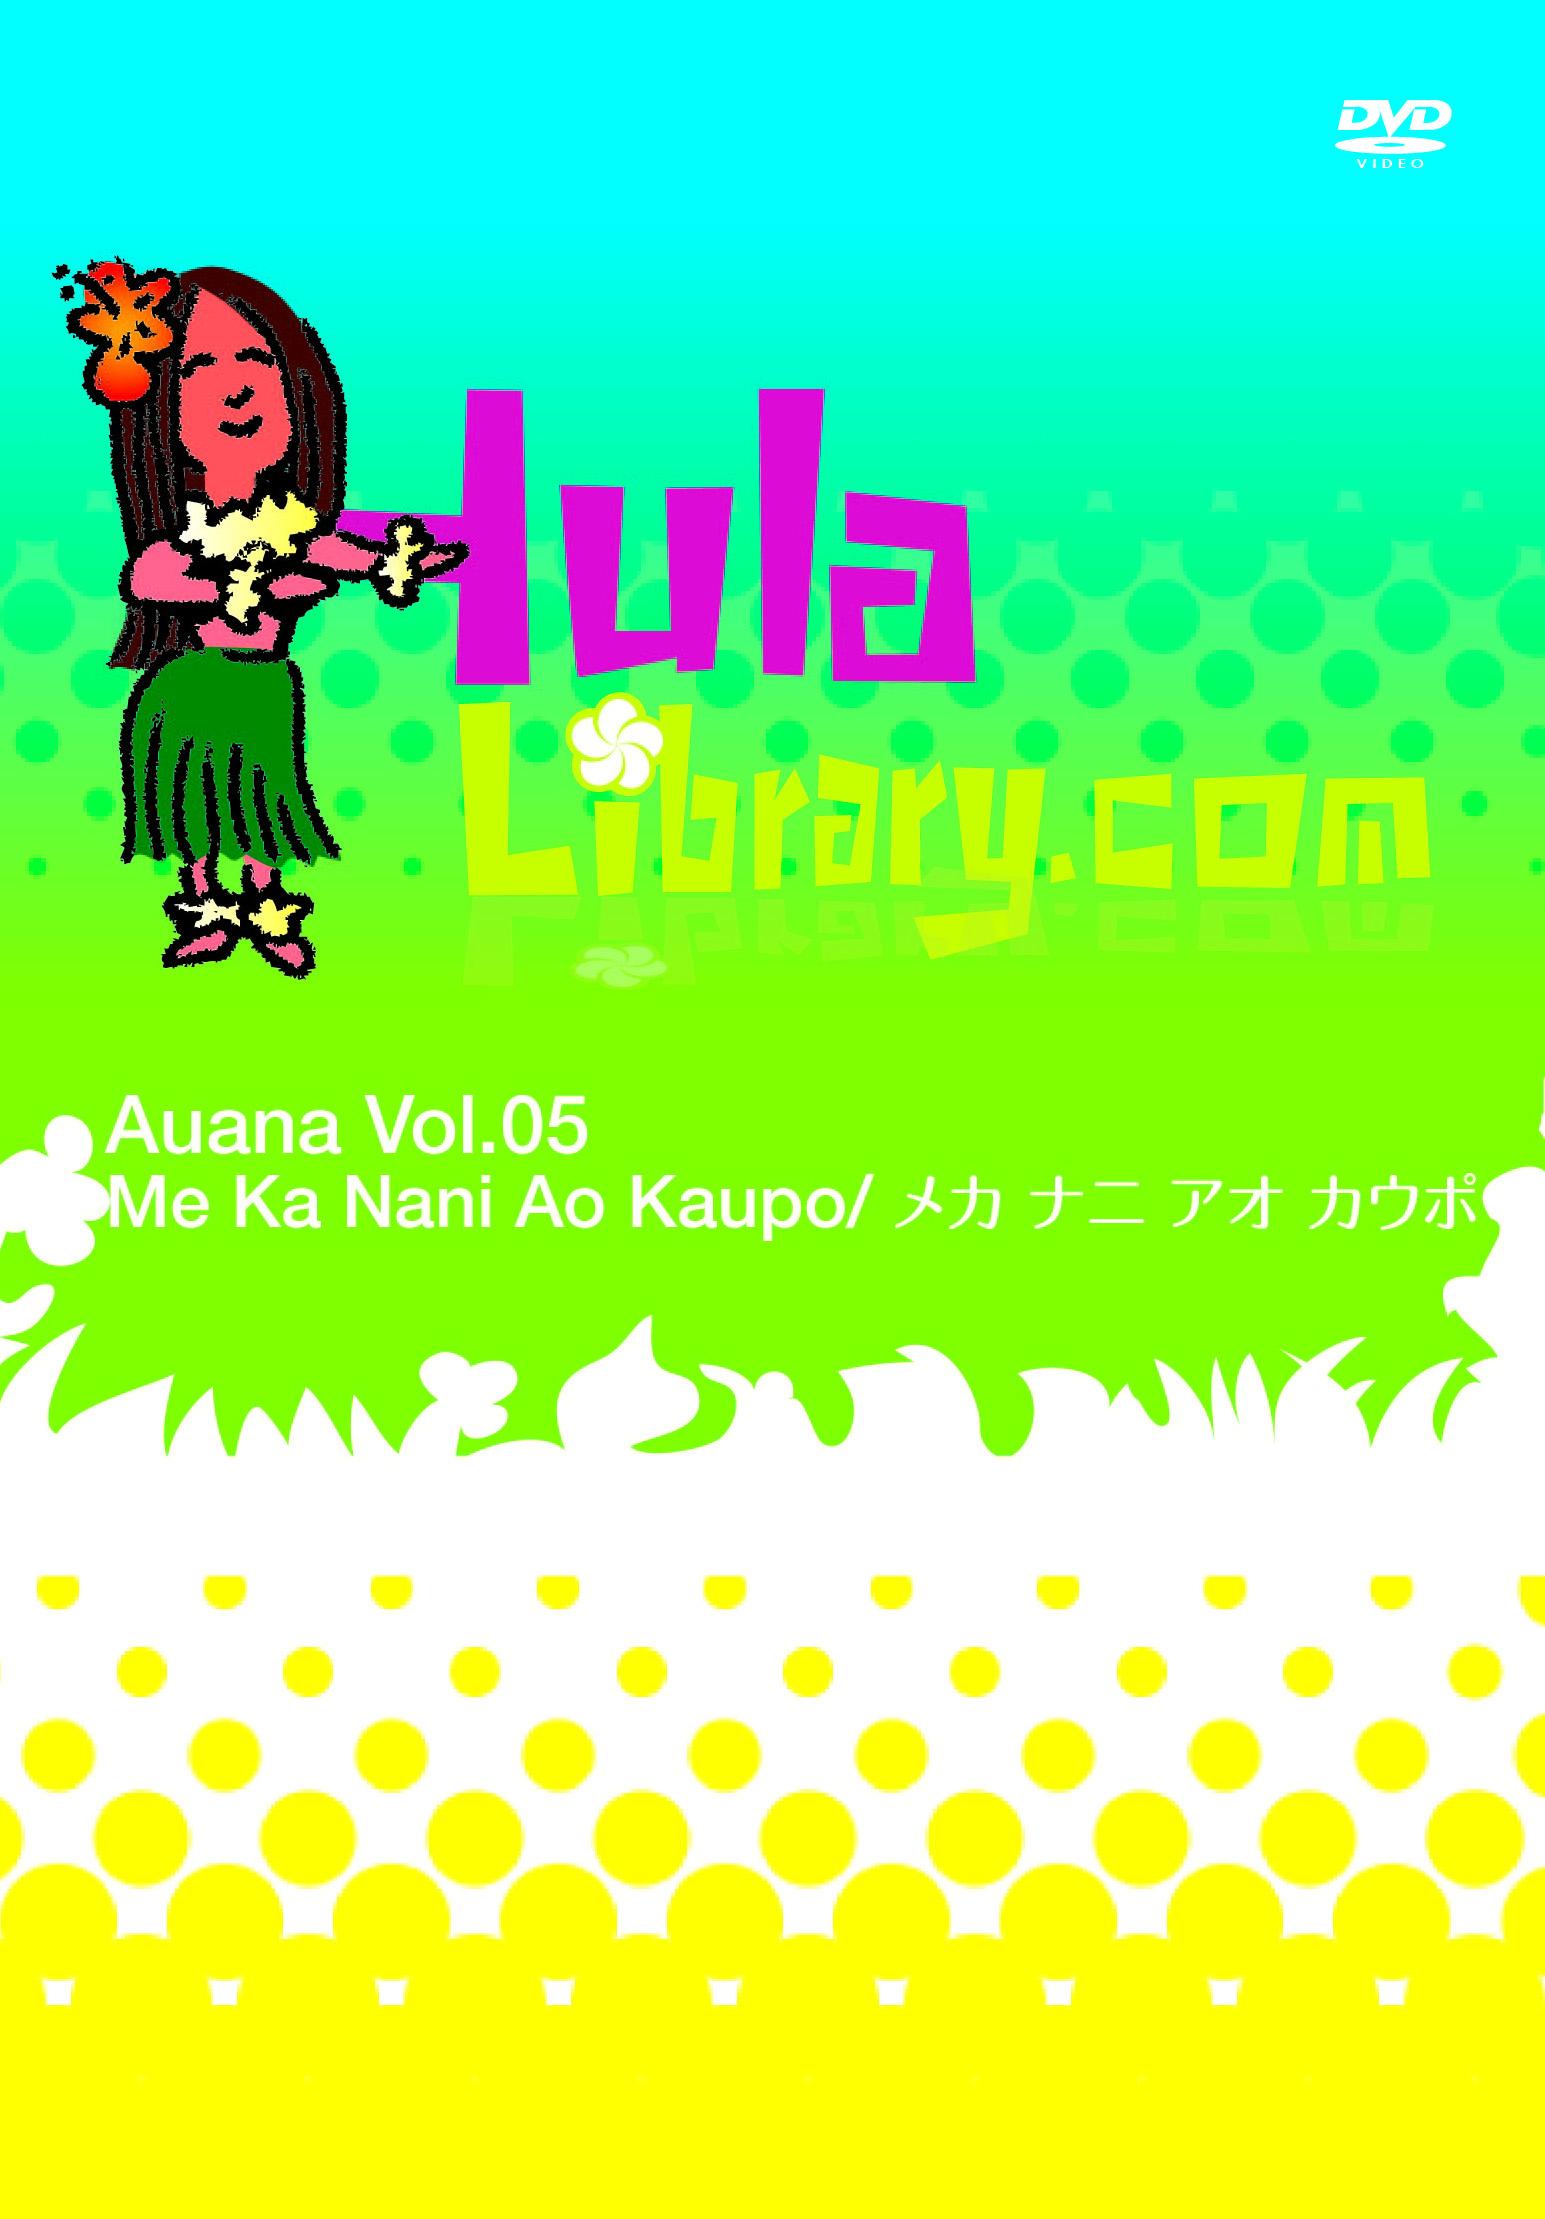 フラライブラリーDVD Vol.5 Meka Nani Ao Kaupo/メカ ナニ アオ カウポ